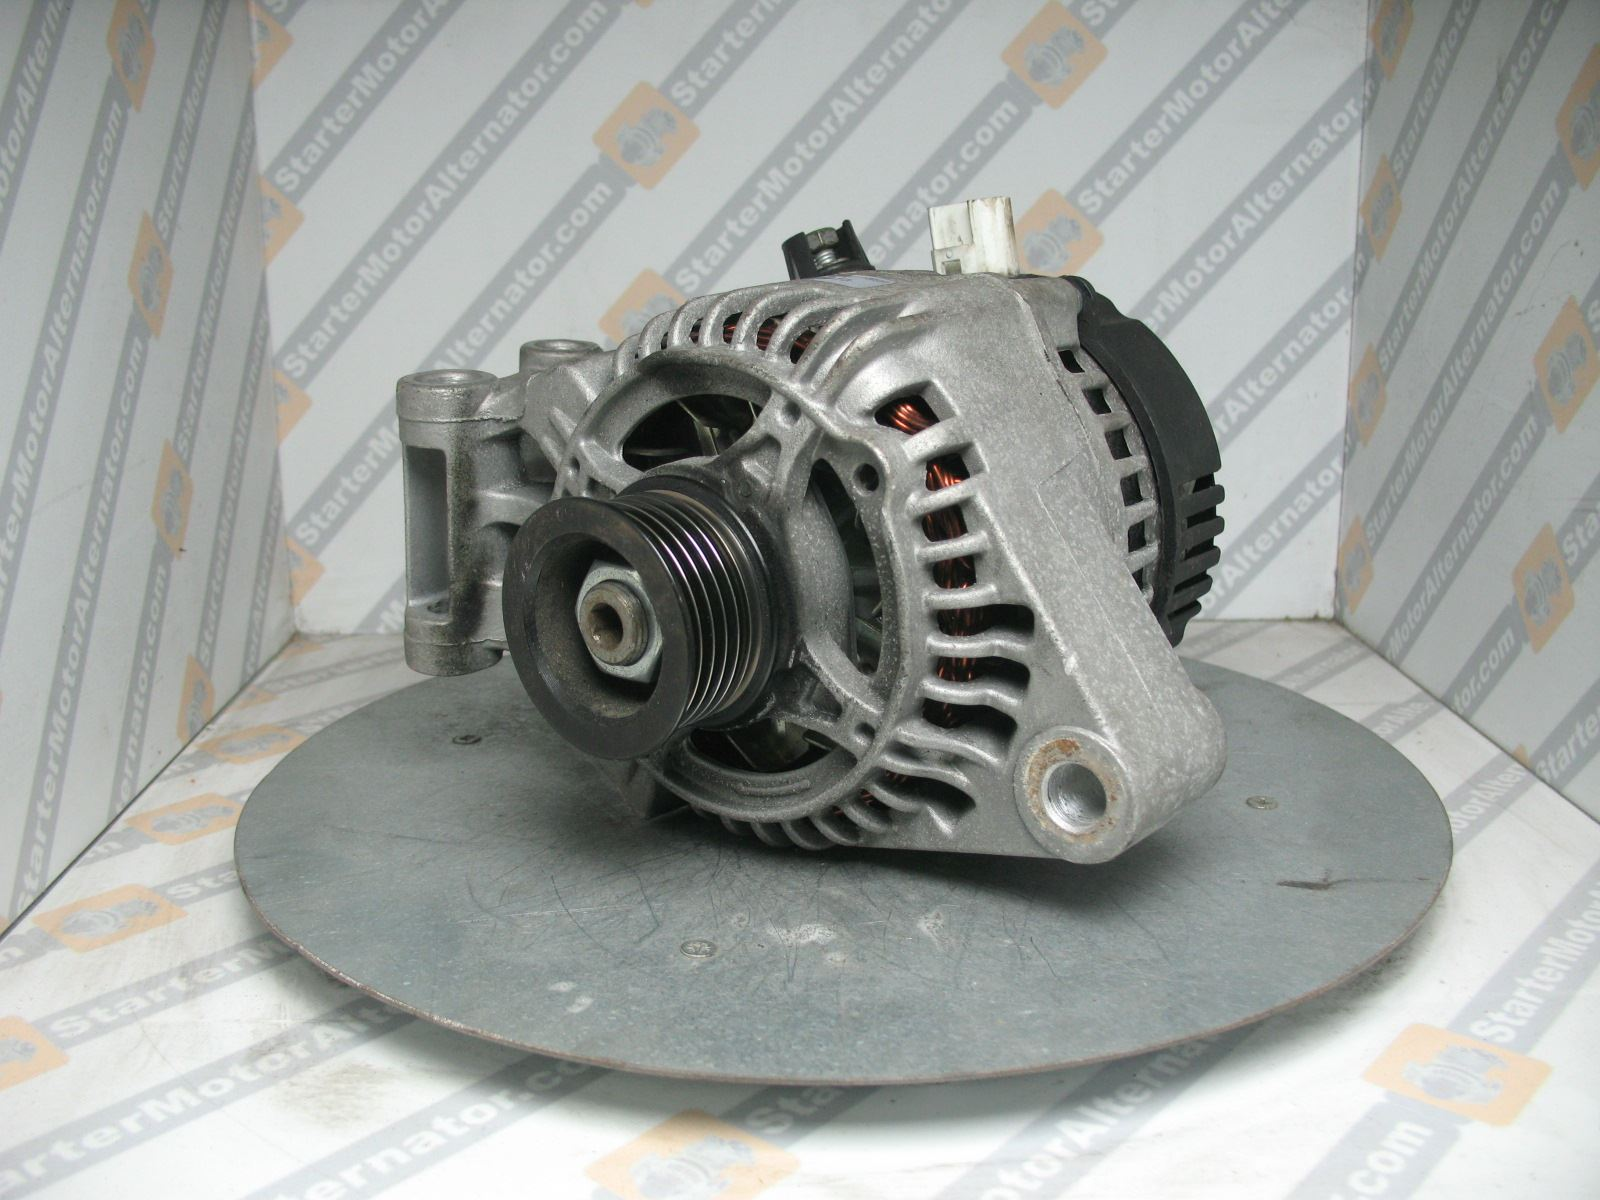 XIK3013 Alternator For Ford